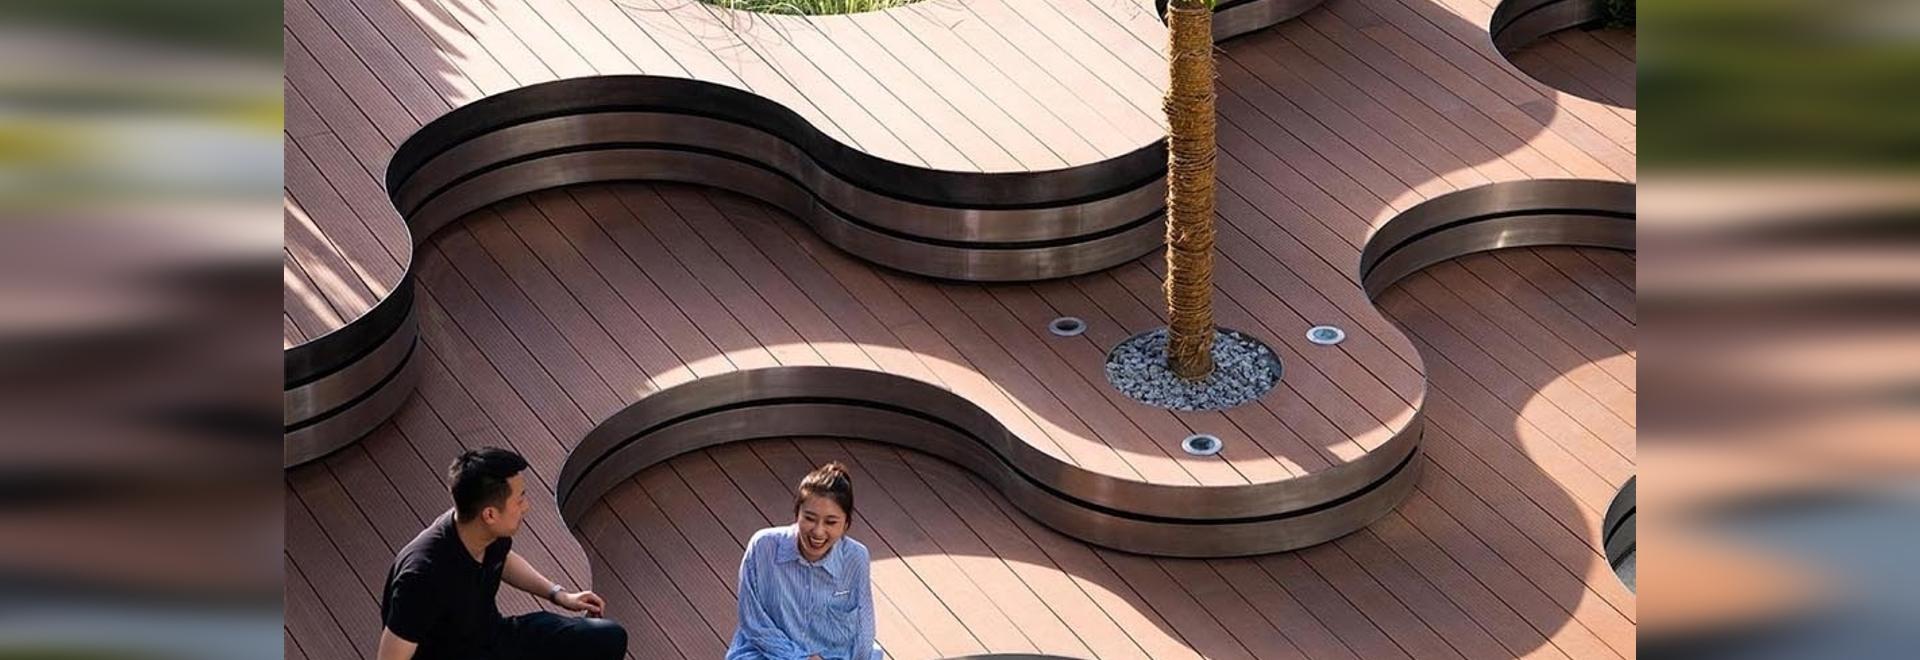 Un paysage de formes courbes a été conçu pour ce parc